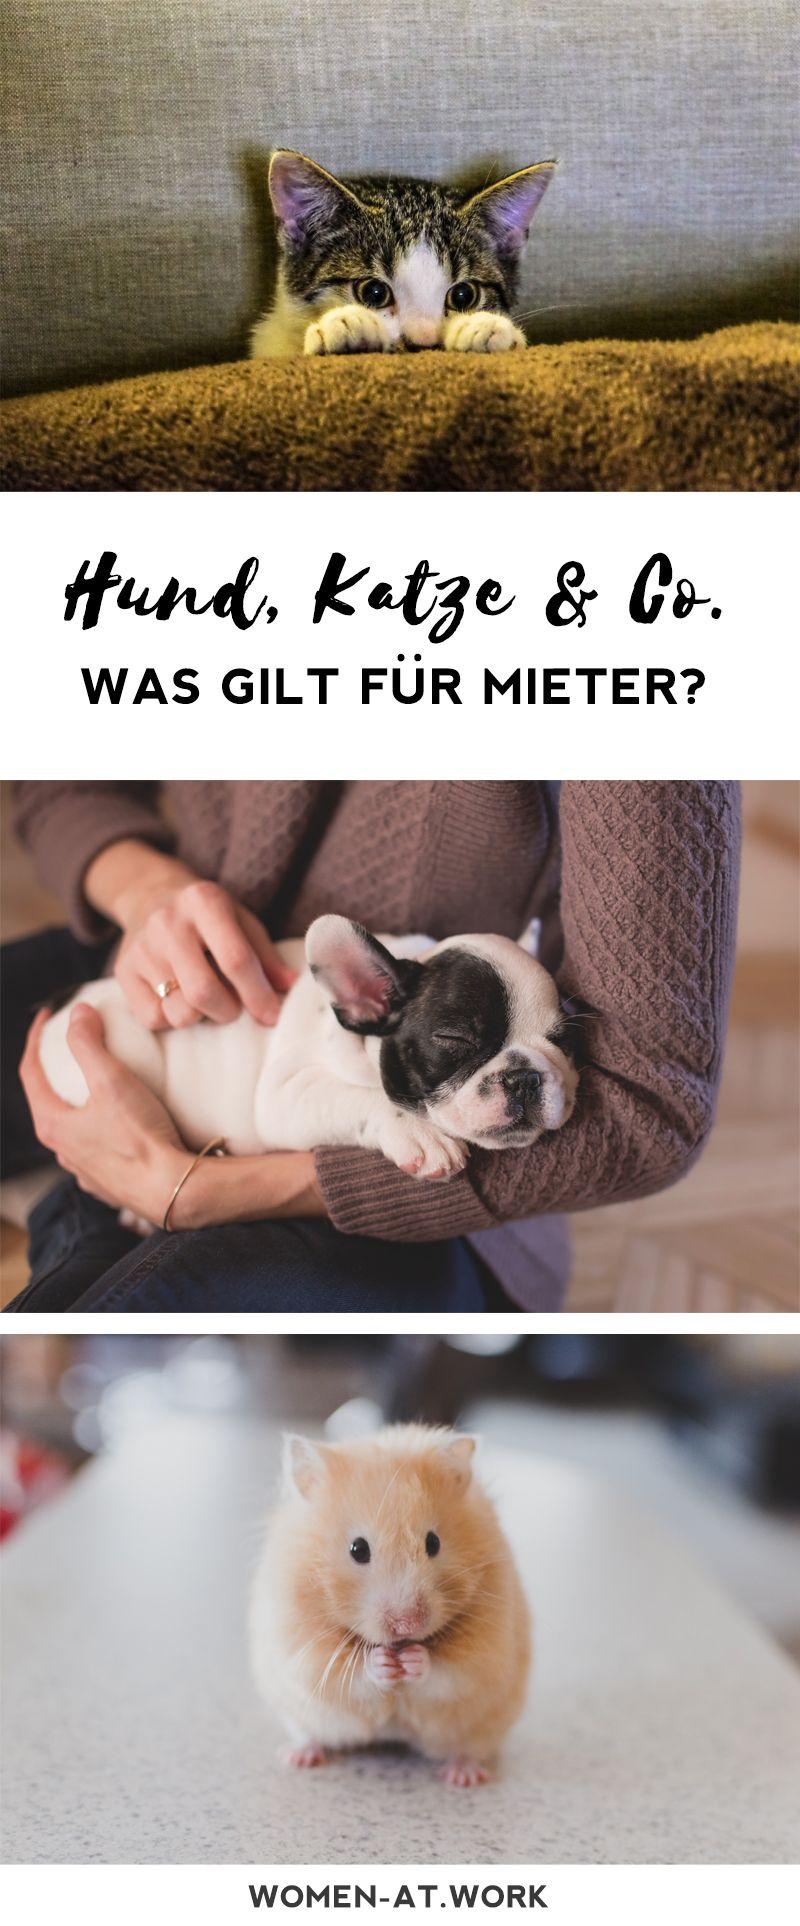 Haustiere Im Mietshaus Was Gilt Fur Mieter Mit Hund Katze Co